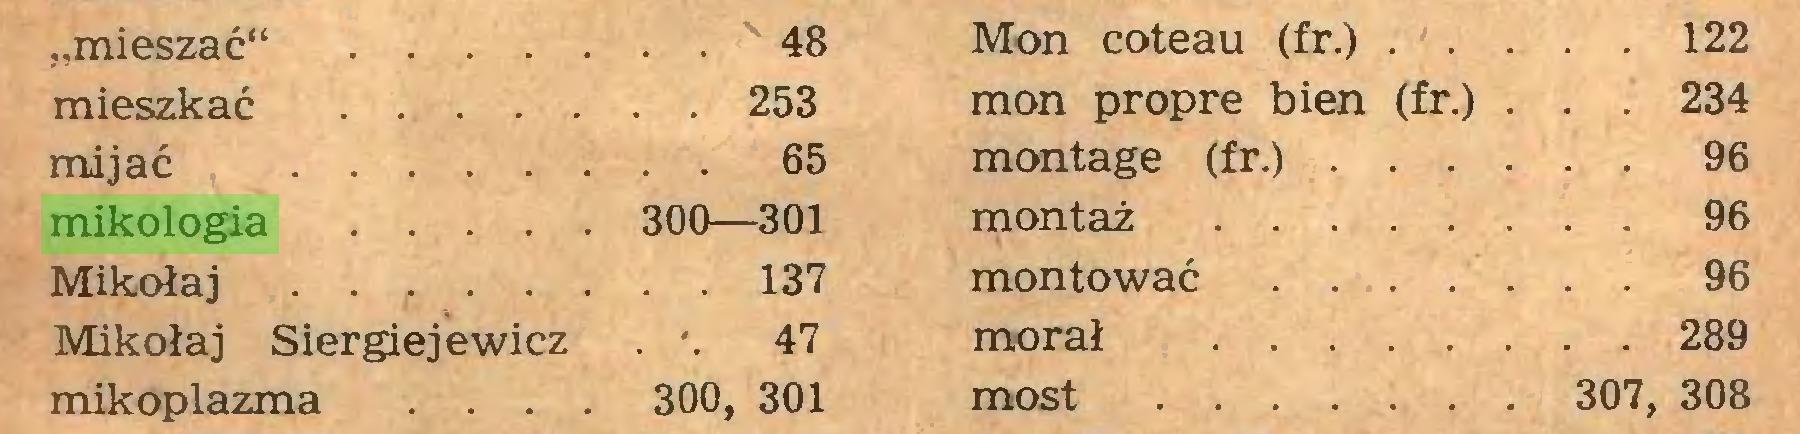 """(...) """"mieszać** 48 Mon coteau (fr.) 122 mieszkać 253 mon propre bien (fr.) . . . 234 mijać 65 montage (fr.) 96 mikologia 300—301 montaż 96 Mikołaj . 137 montować ... 96 Mikołaj Siergiejewicz . '. 47 morał 289 mikoplazma ... 300, 301 most 307, 308..."""